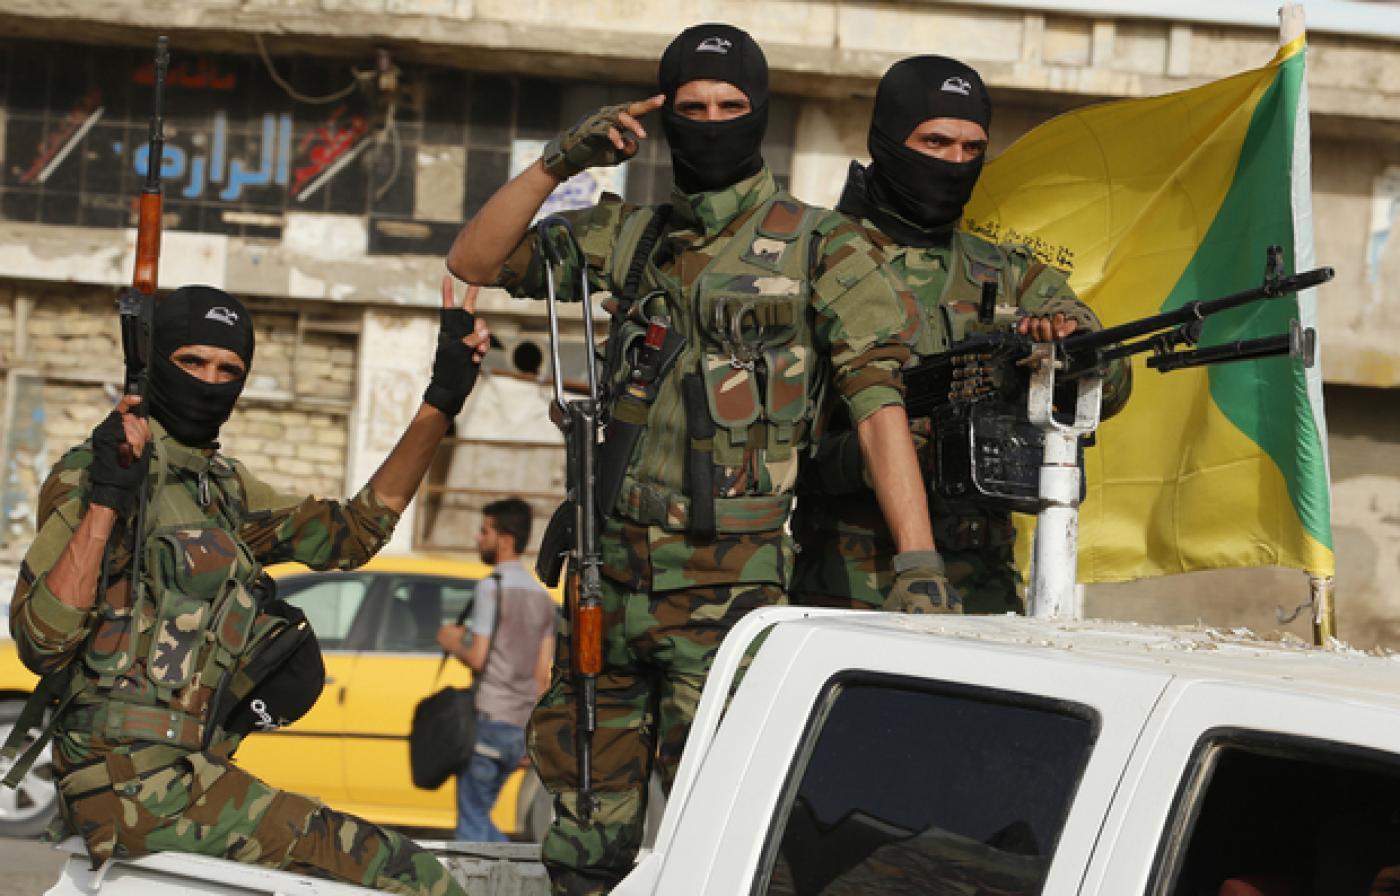 L'ONU accuse une milice chiite irakienne d'enlèvements et de décapitations à Falloujah